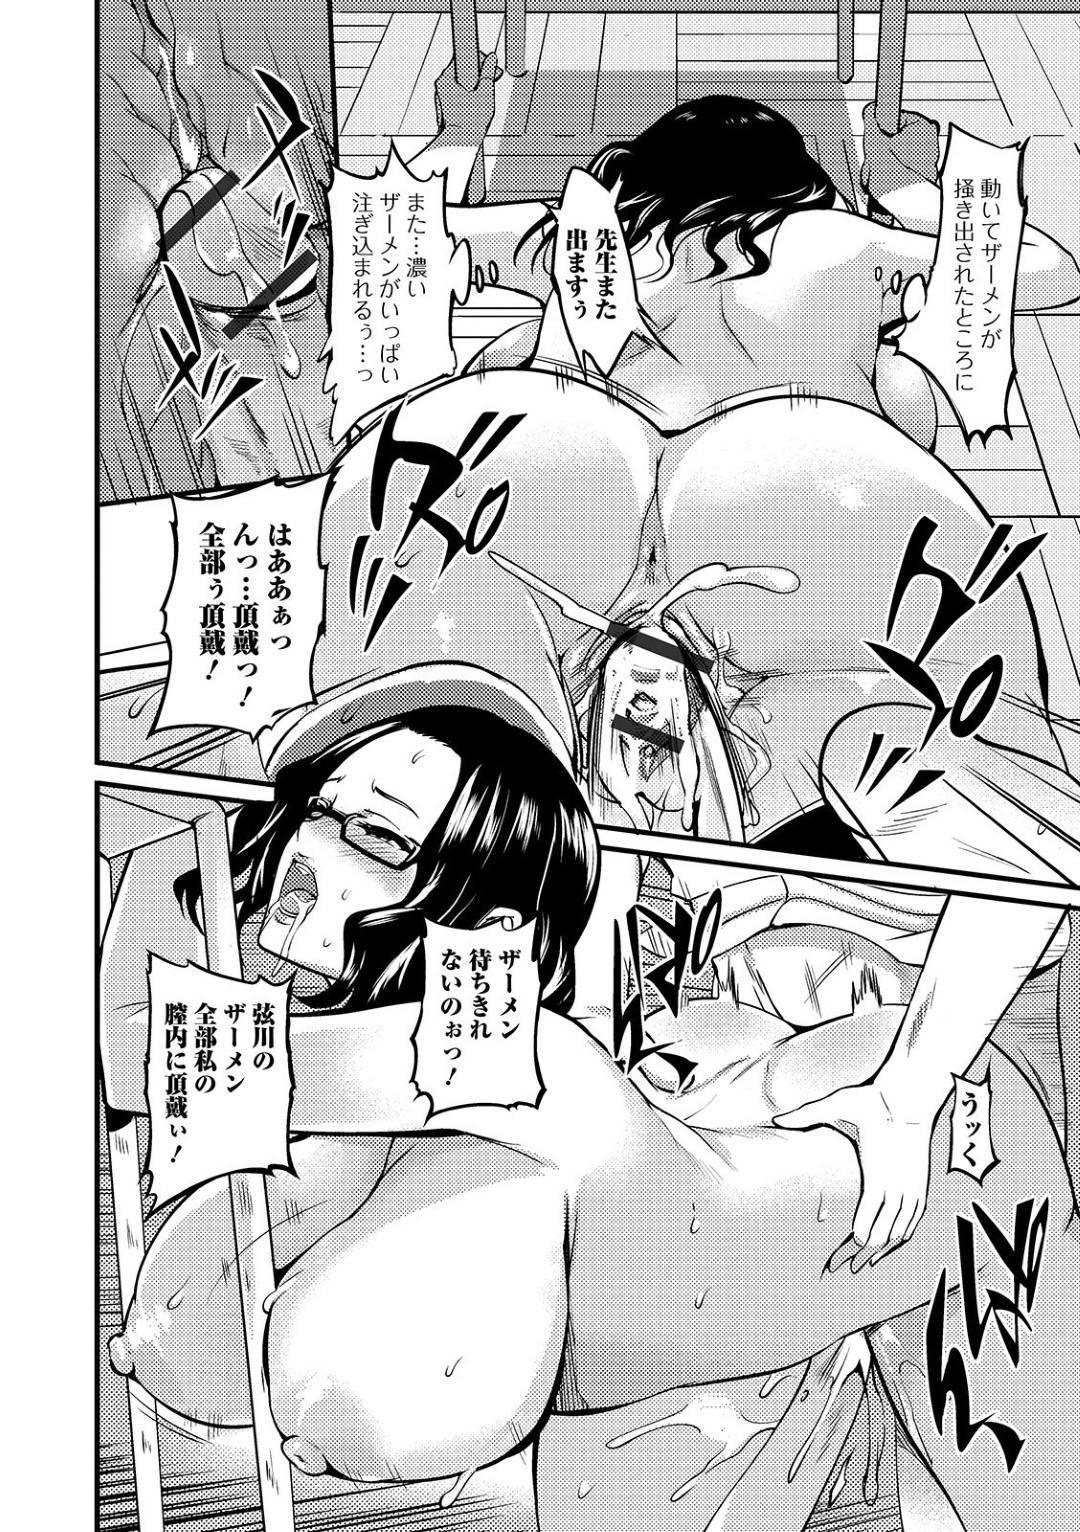 【エロ漫画】若くてかわいい男子が好きな淫乱爆乳女教師は、追試に来た男子生徒を誘惑して逆レイプの生ハメ中出しセックスでザーメンまみれになる!【はんぺら/追試は白濁液の匂い】